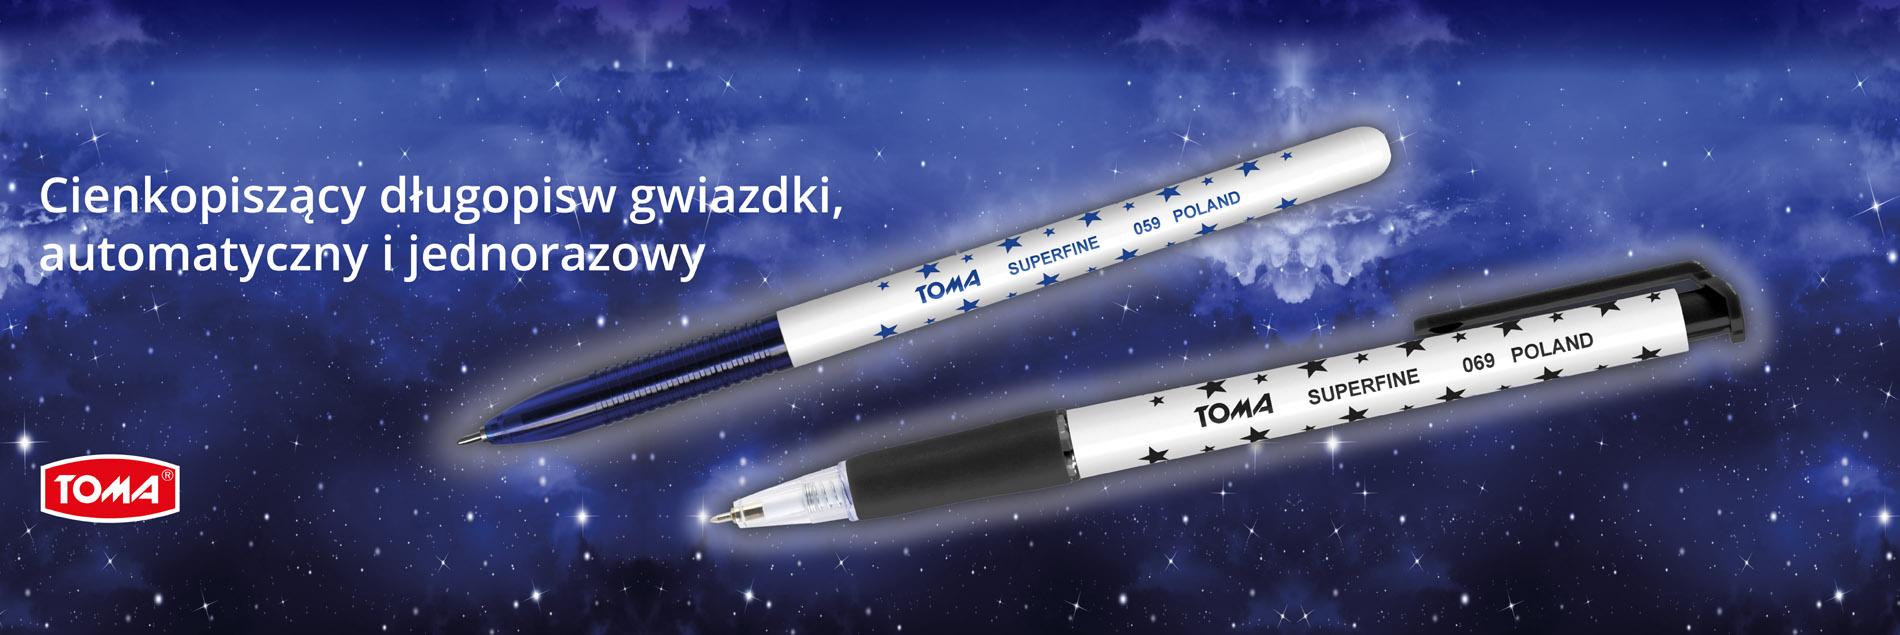 Długopis w gwiazdki